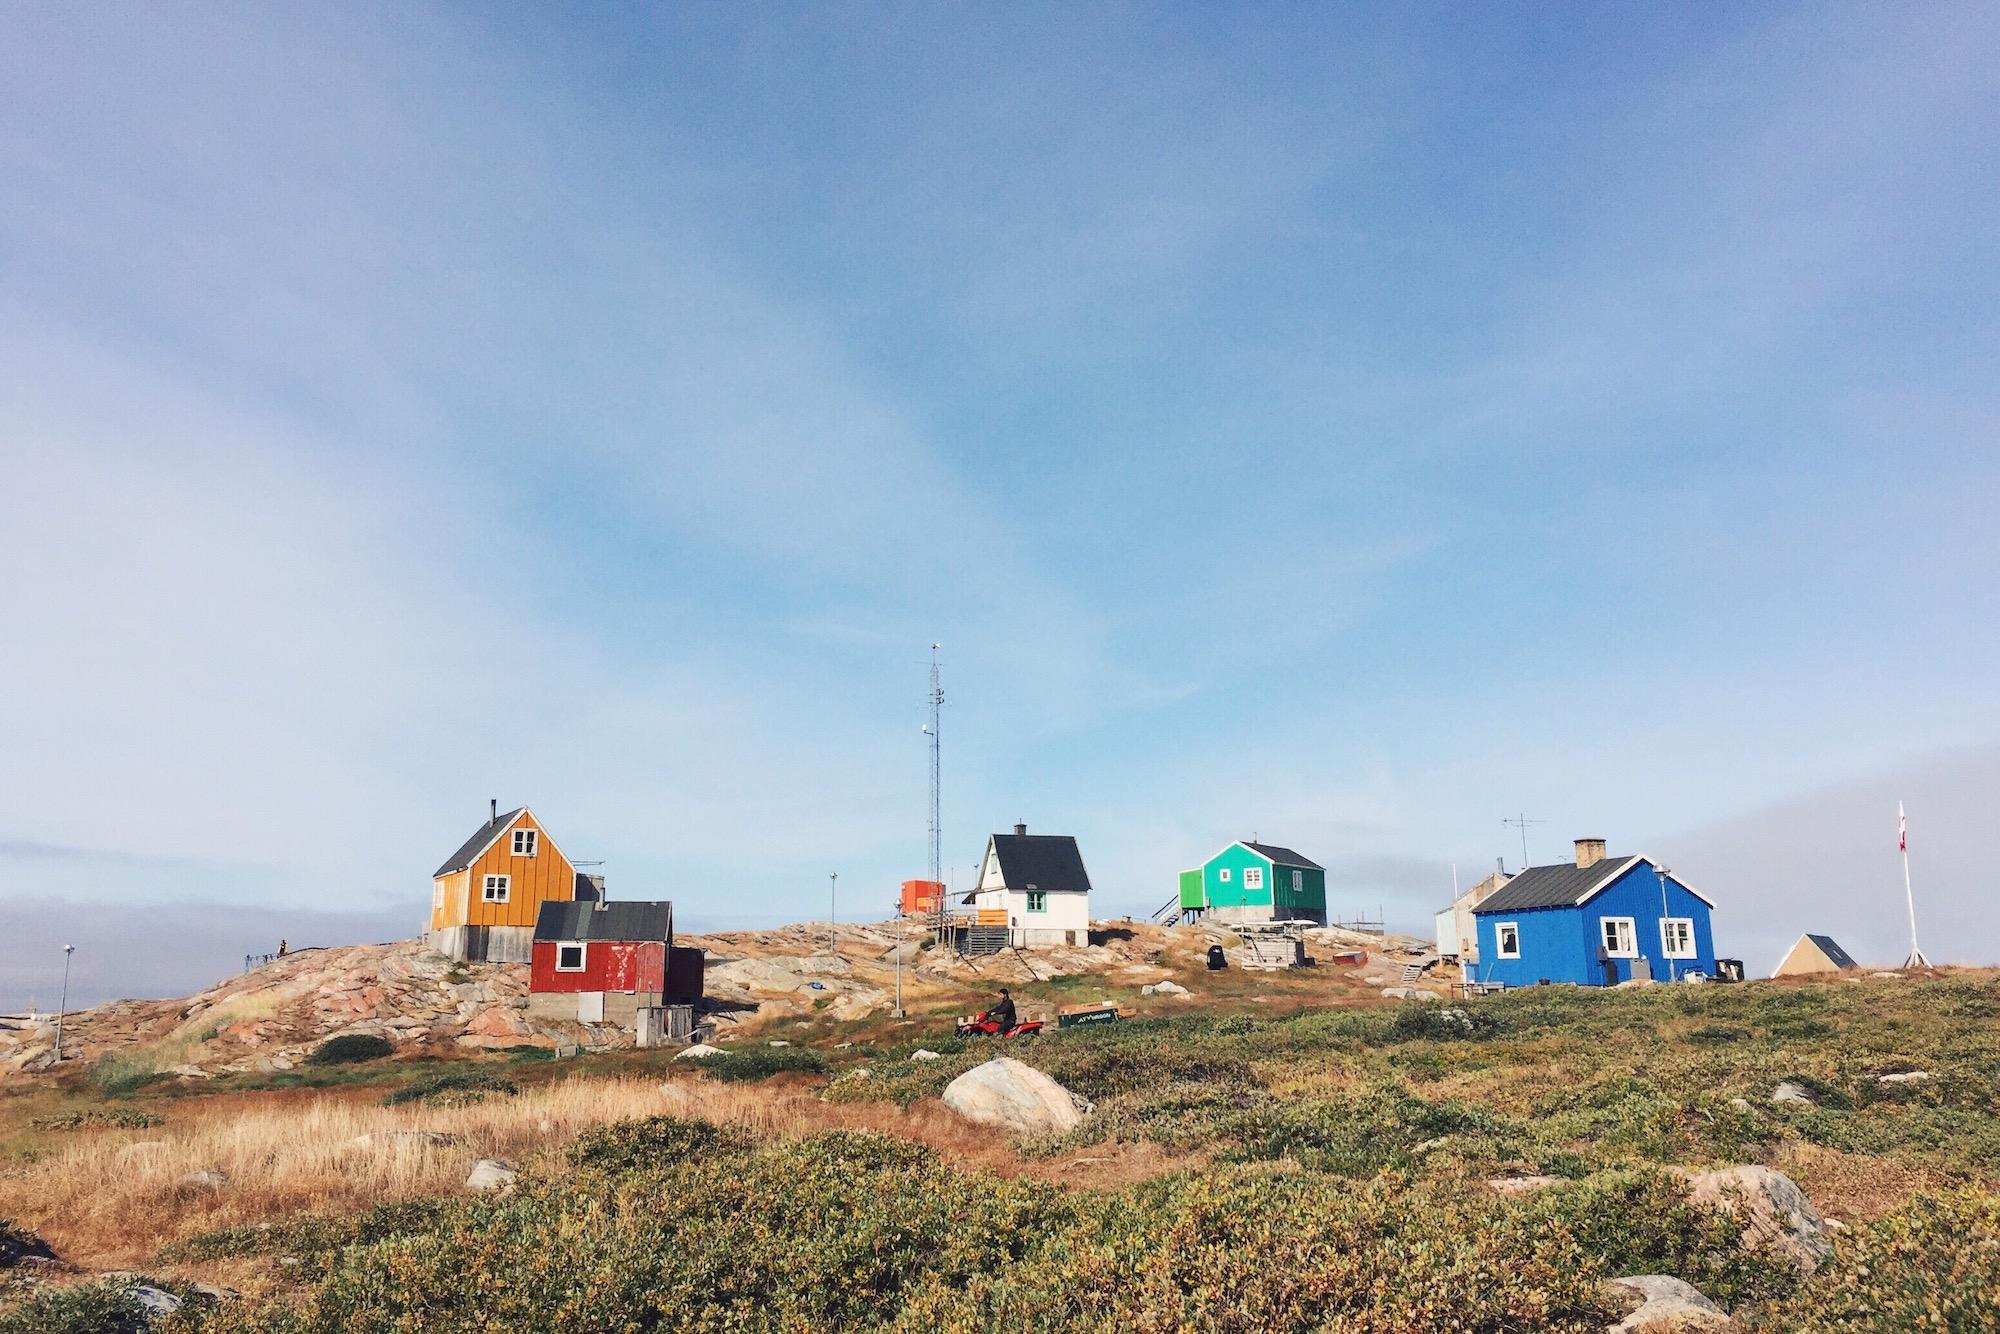 Ilimanaq, population just under 90 inhabitants. Photo credit: Nancy Forde